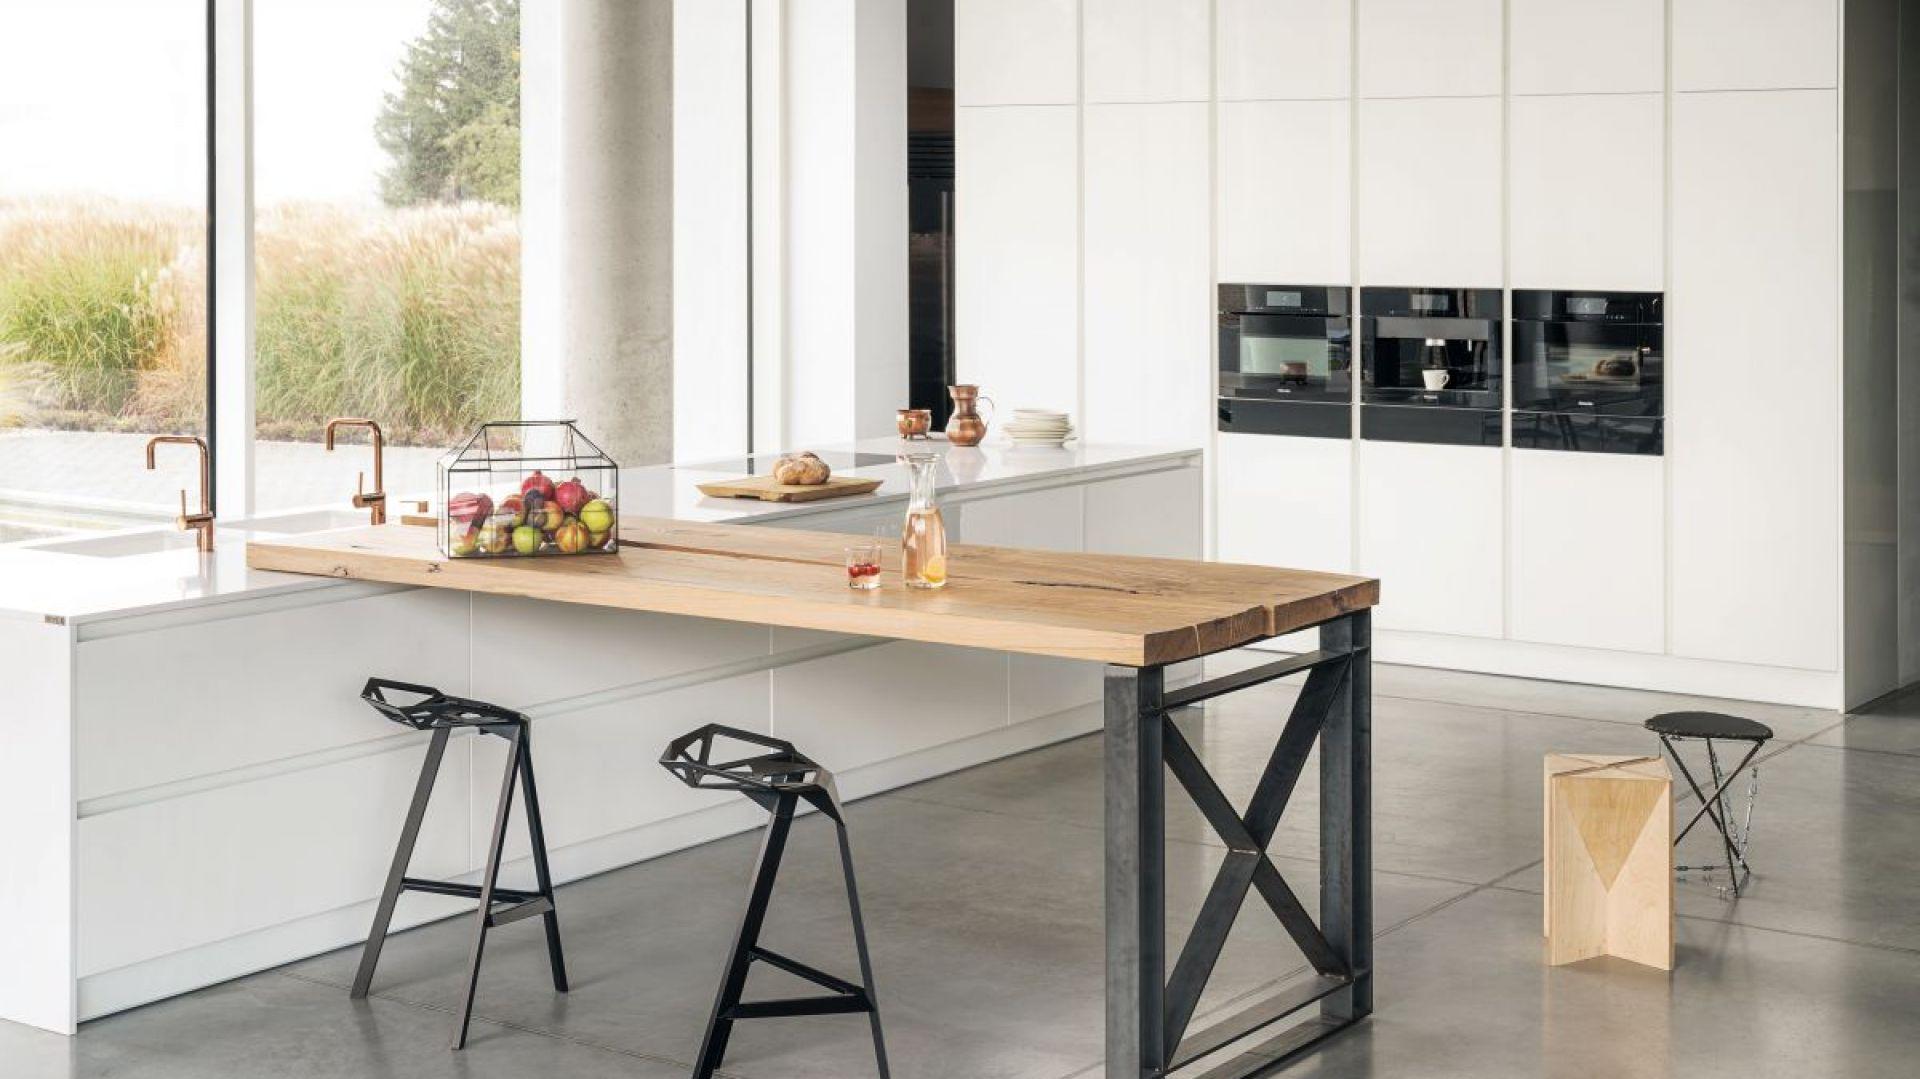 Kuchnia w stylu loftowym - model Z1 marki Zajc. Fot. Zajc